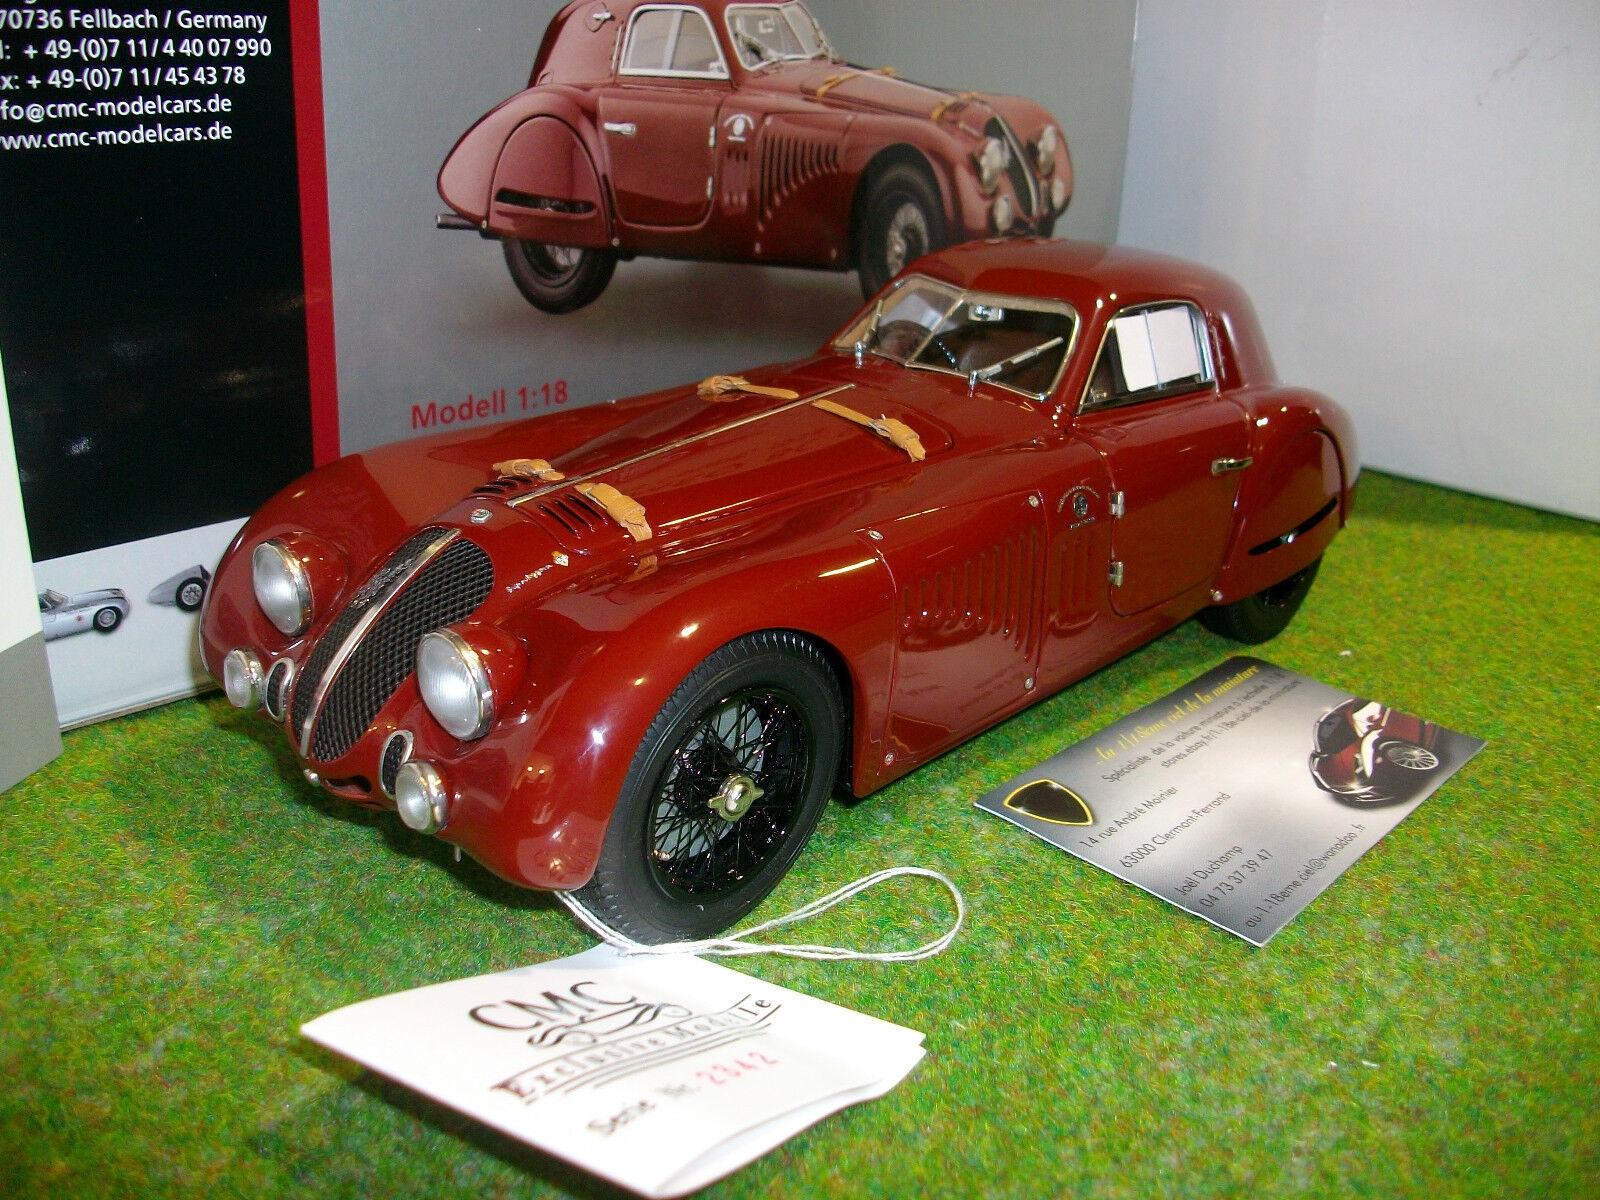 ALFA ROMEO 8C 2900B SPECIALE TOURING coupé bordeaux de 1938 au 1 18 CMC M107